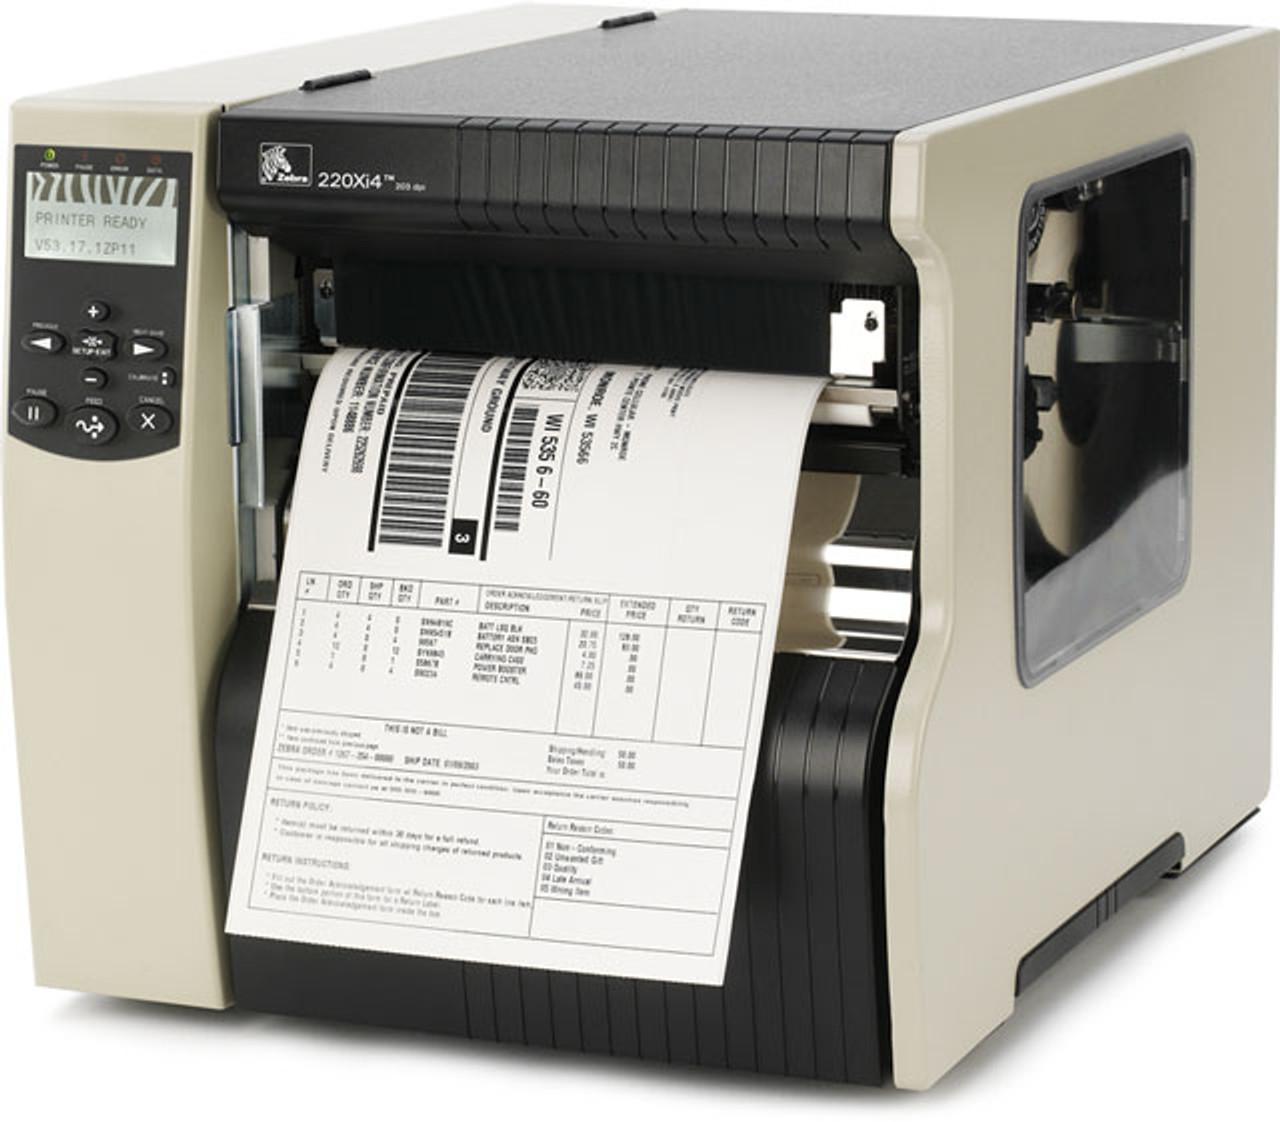 Zebra Xi Series 220Xi4 Thermal Label Printer